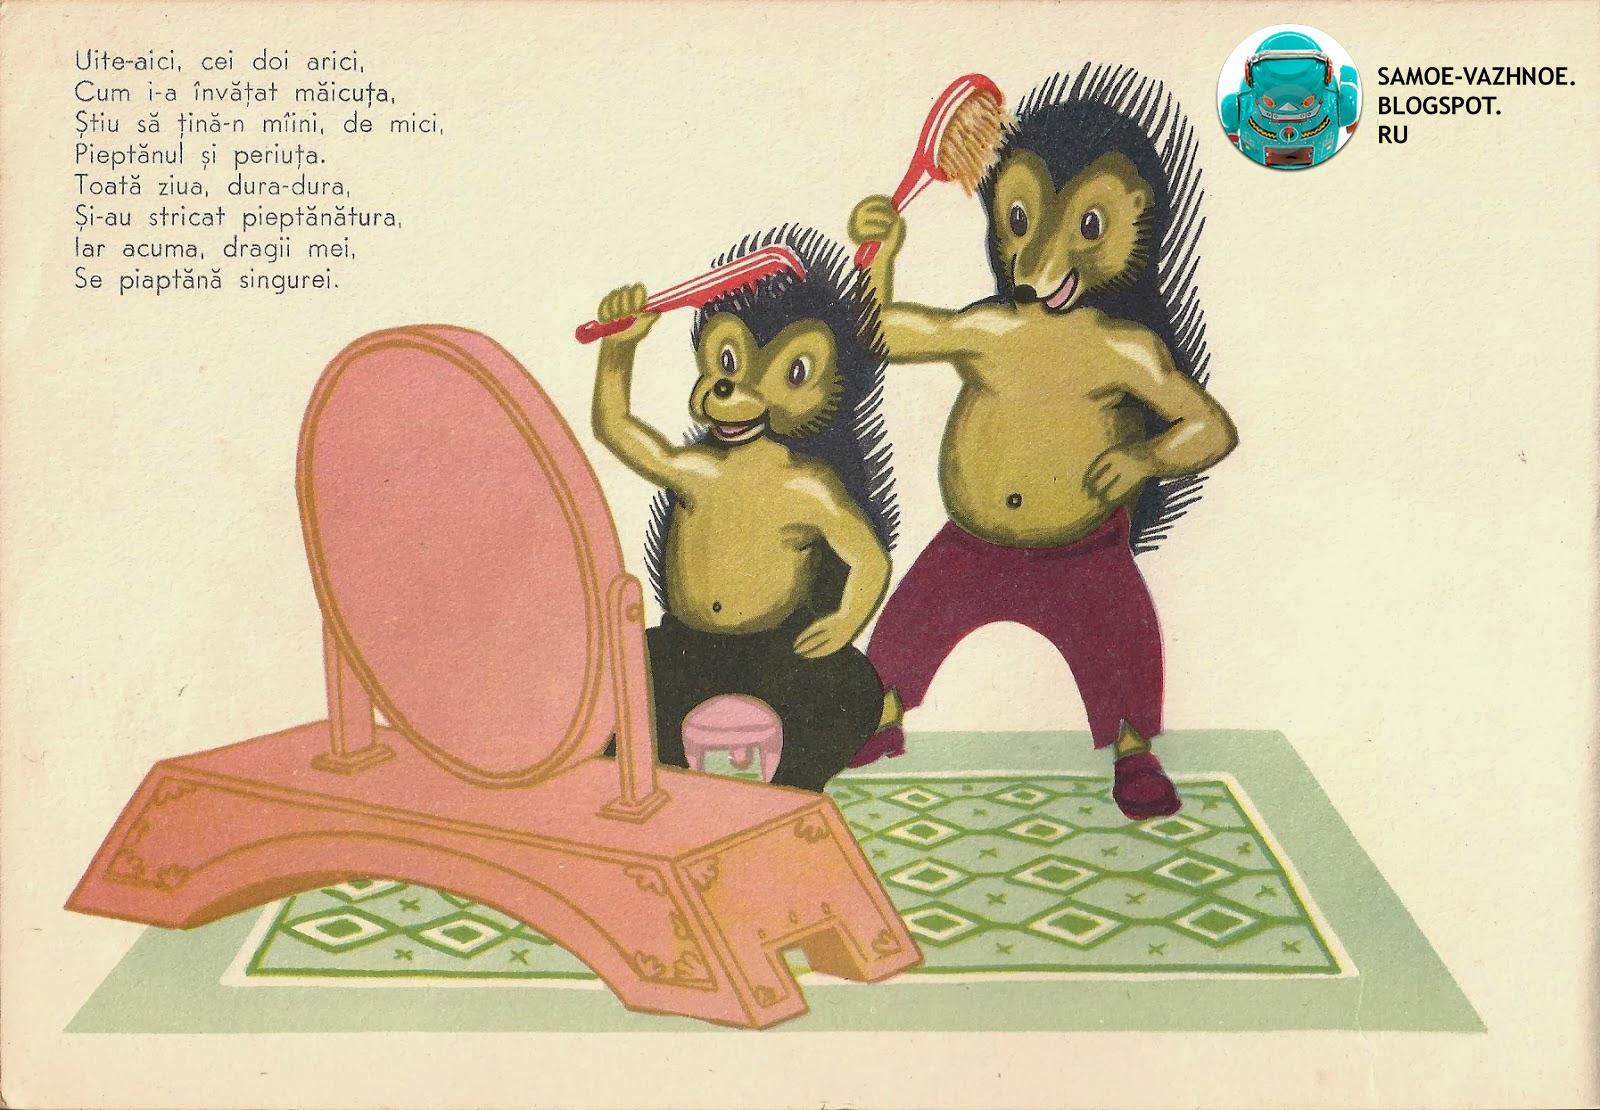 Советские книги шестидесятые СССР. Старые книги для детей